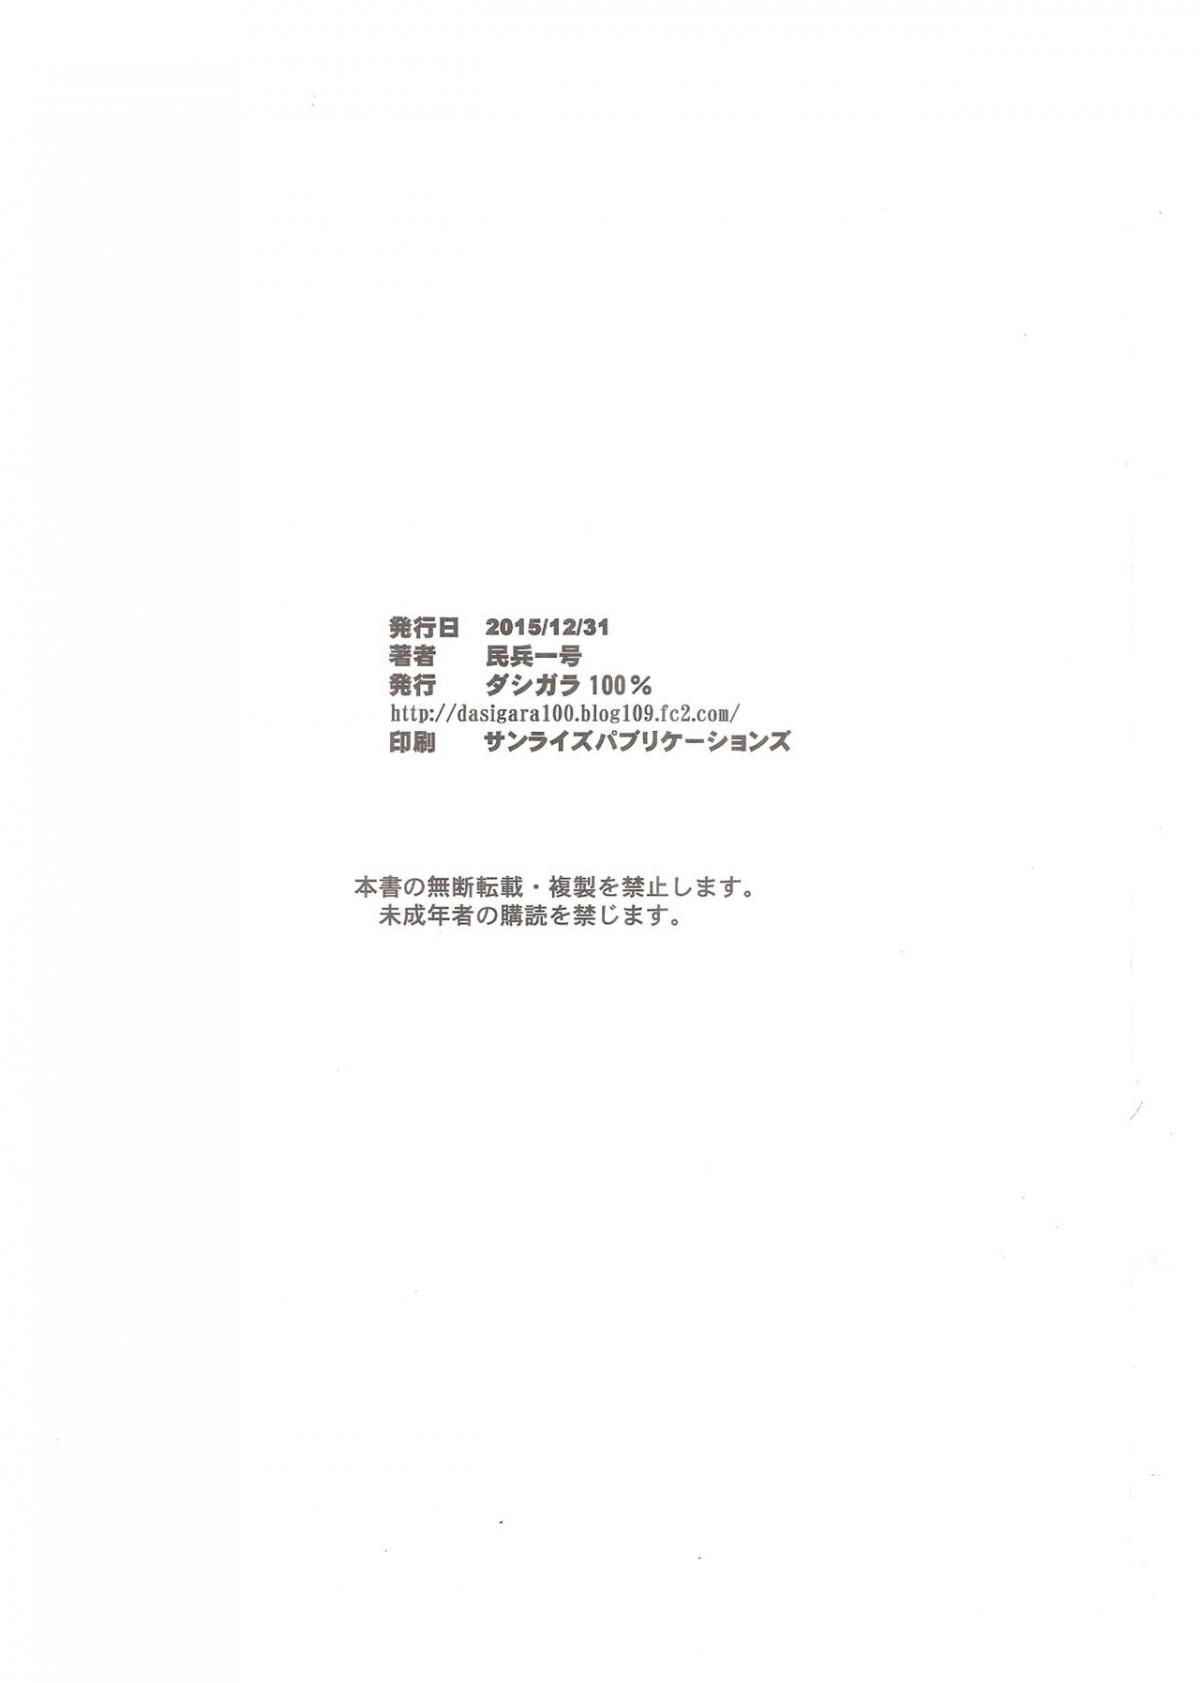 Hình ảnh  trong bài viết Truyện hentai Kore tte Hontou desu ka